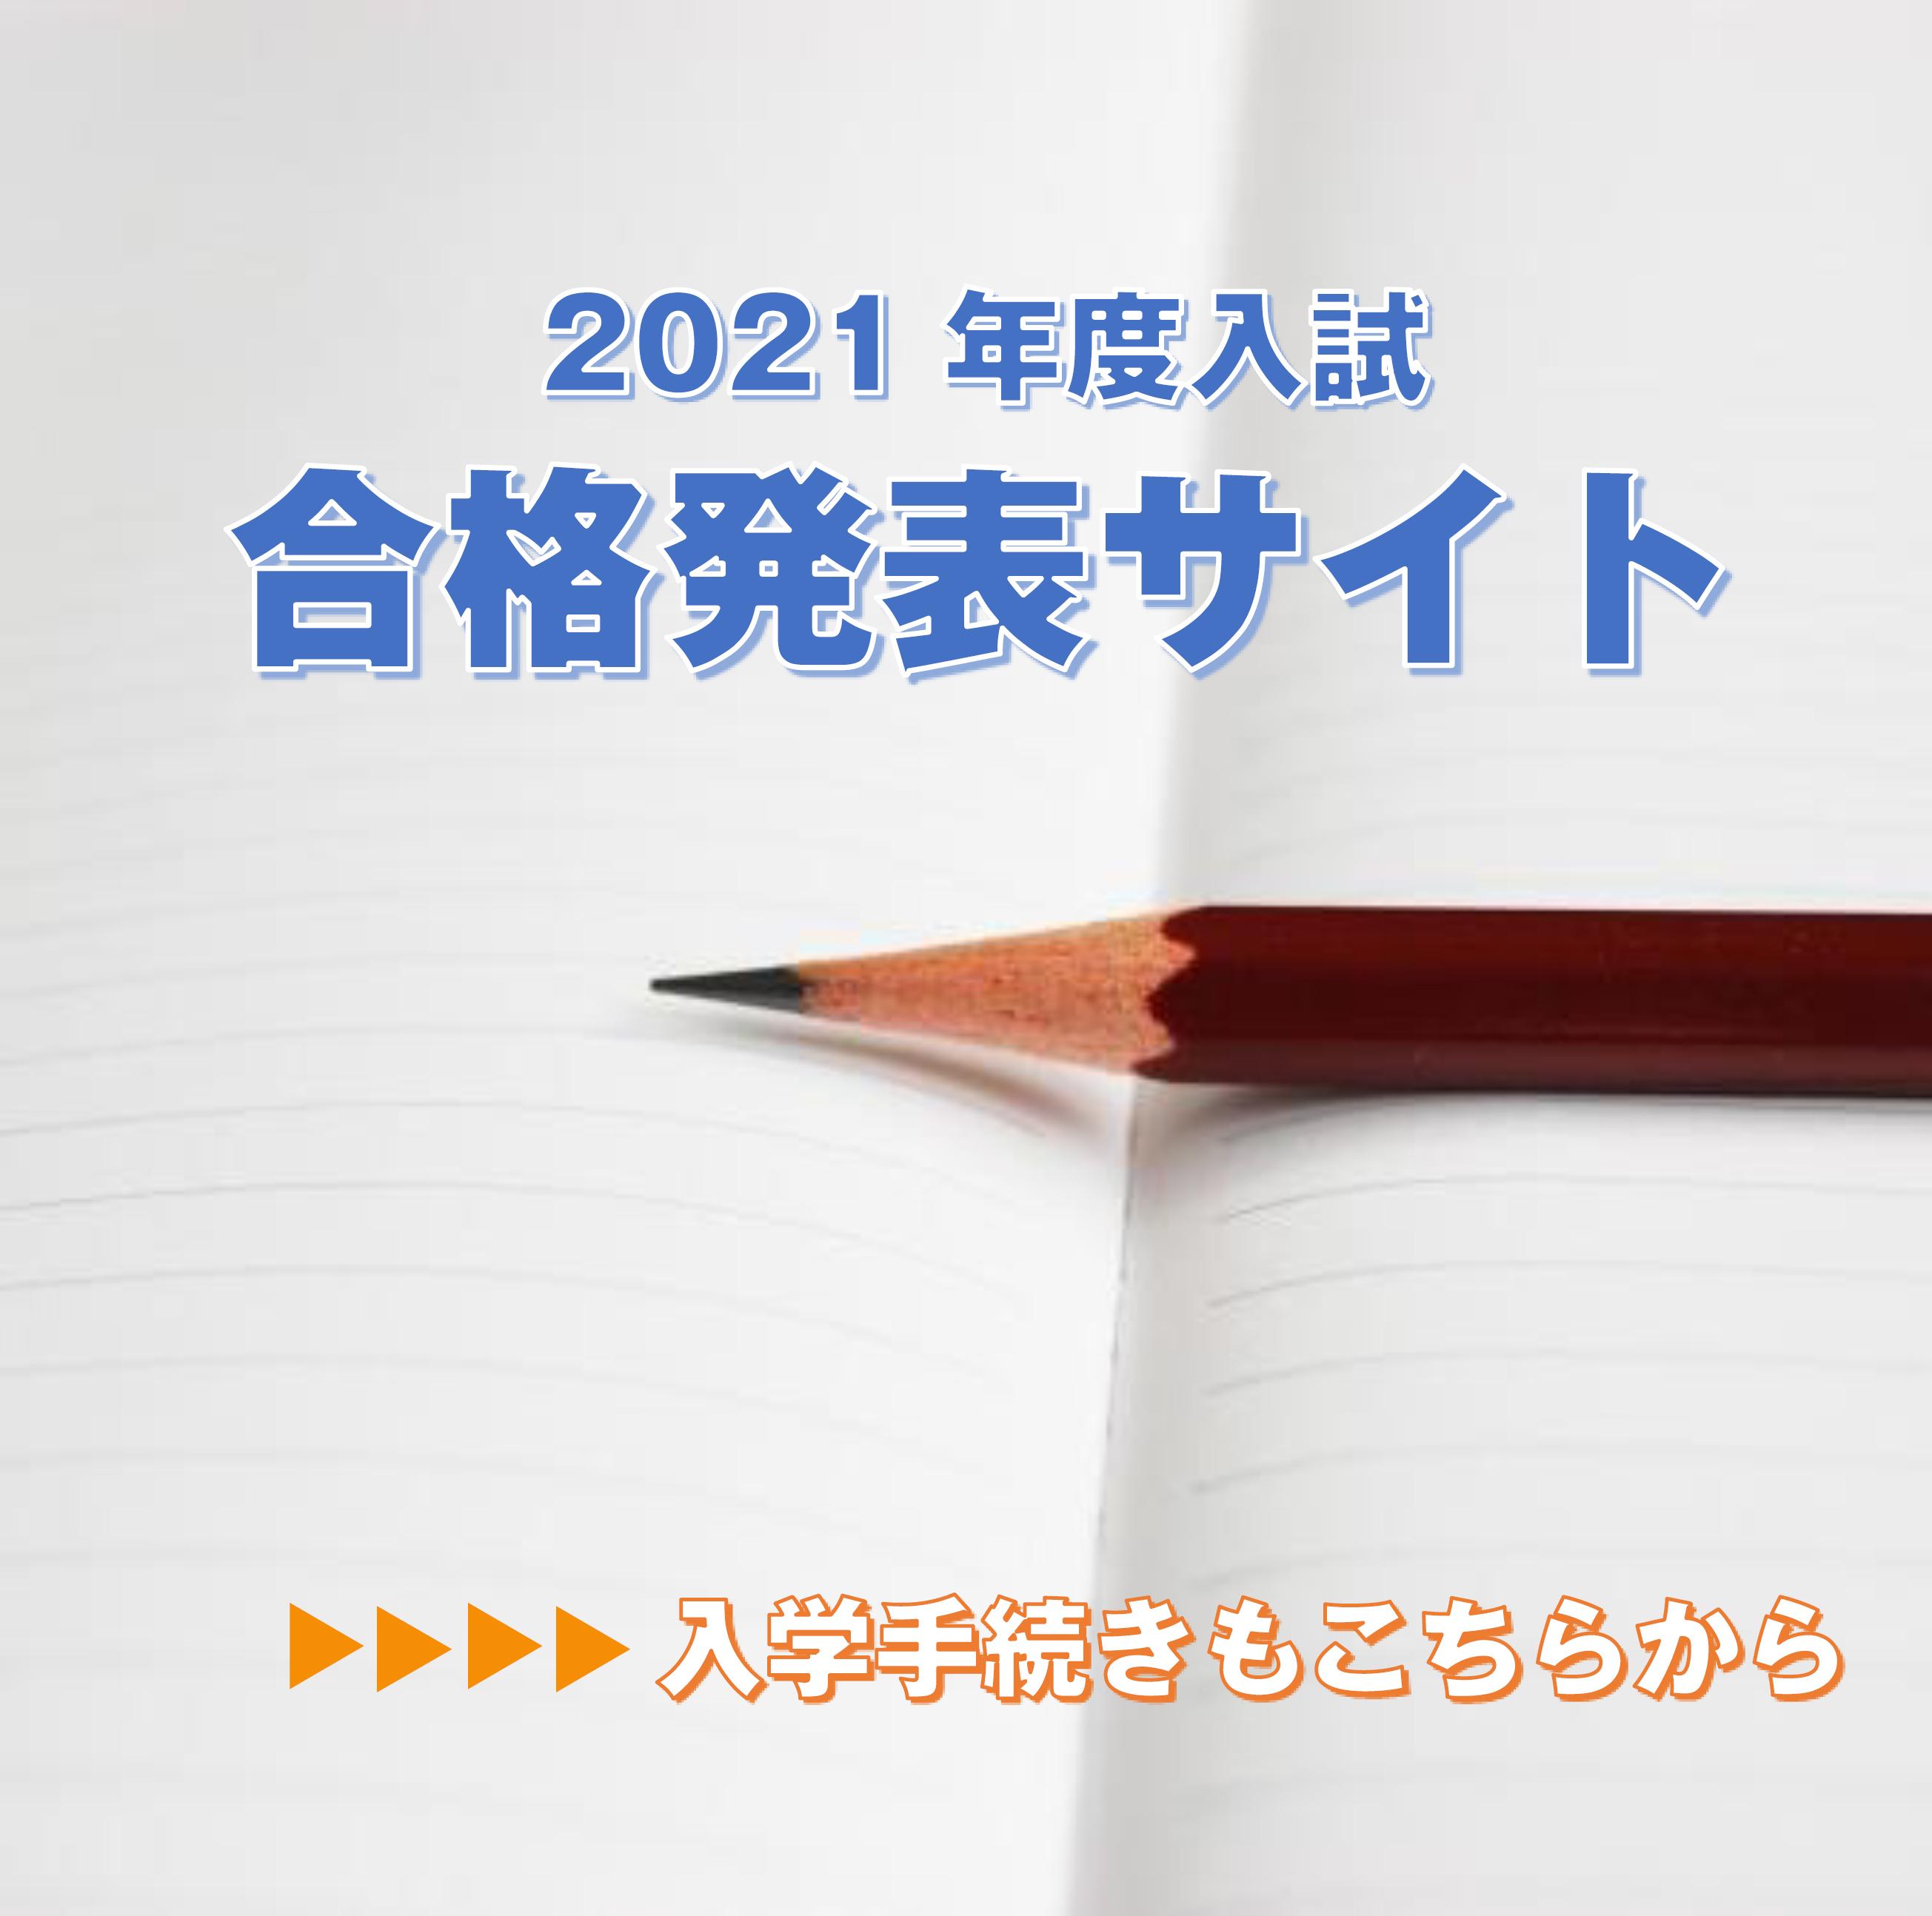 2021goukakuhappyuou_icon2.jpg